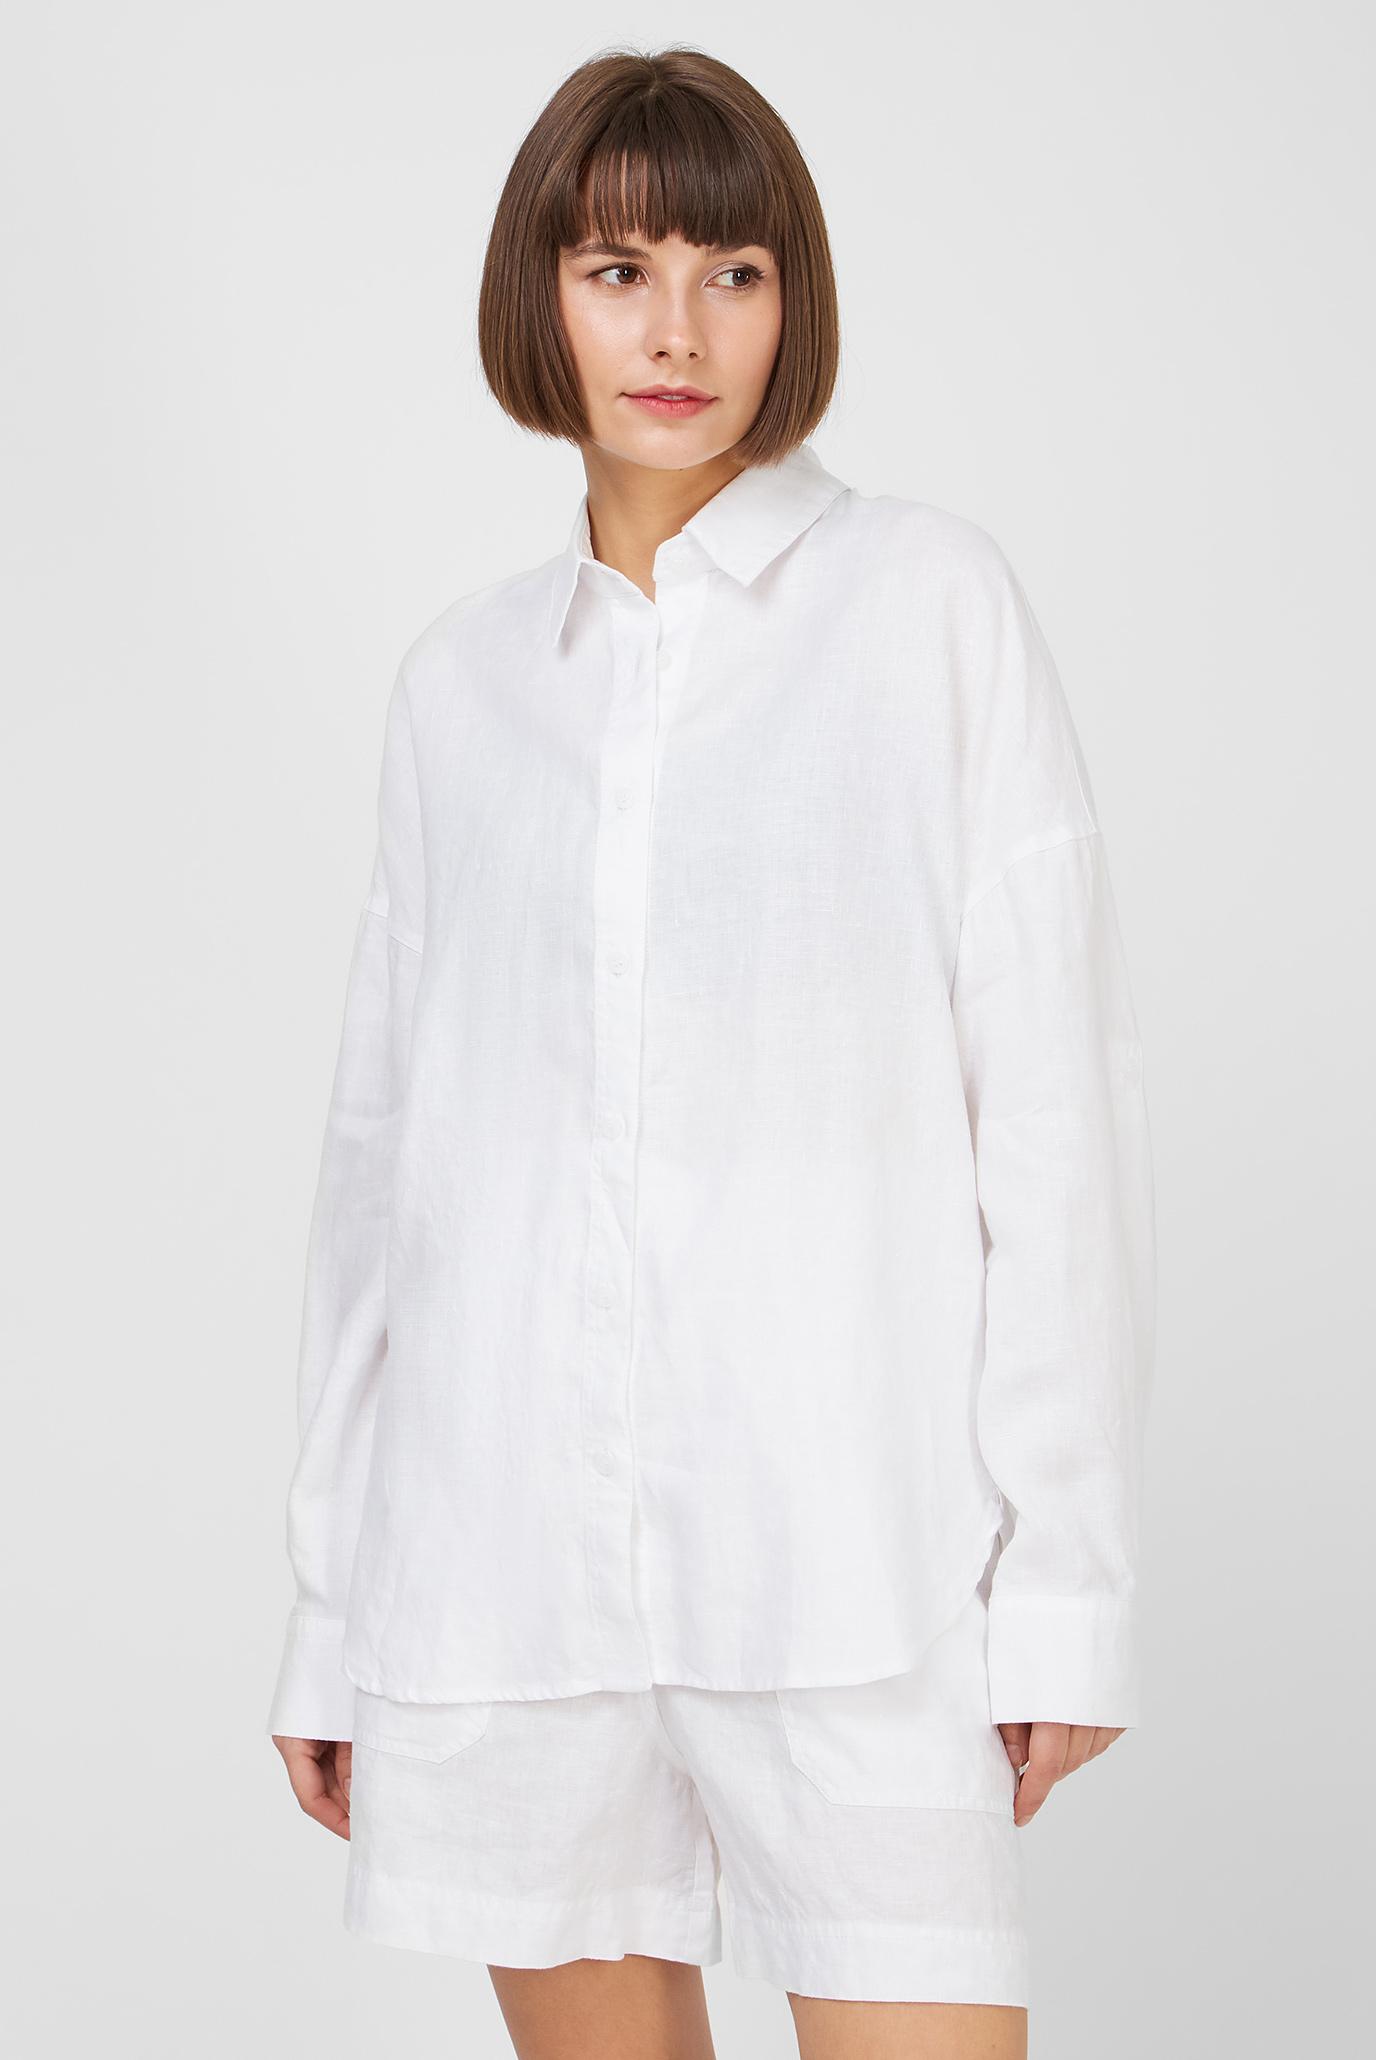 Женская белая льняная рубашка 1